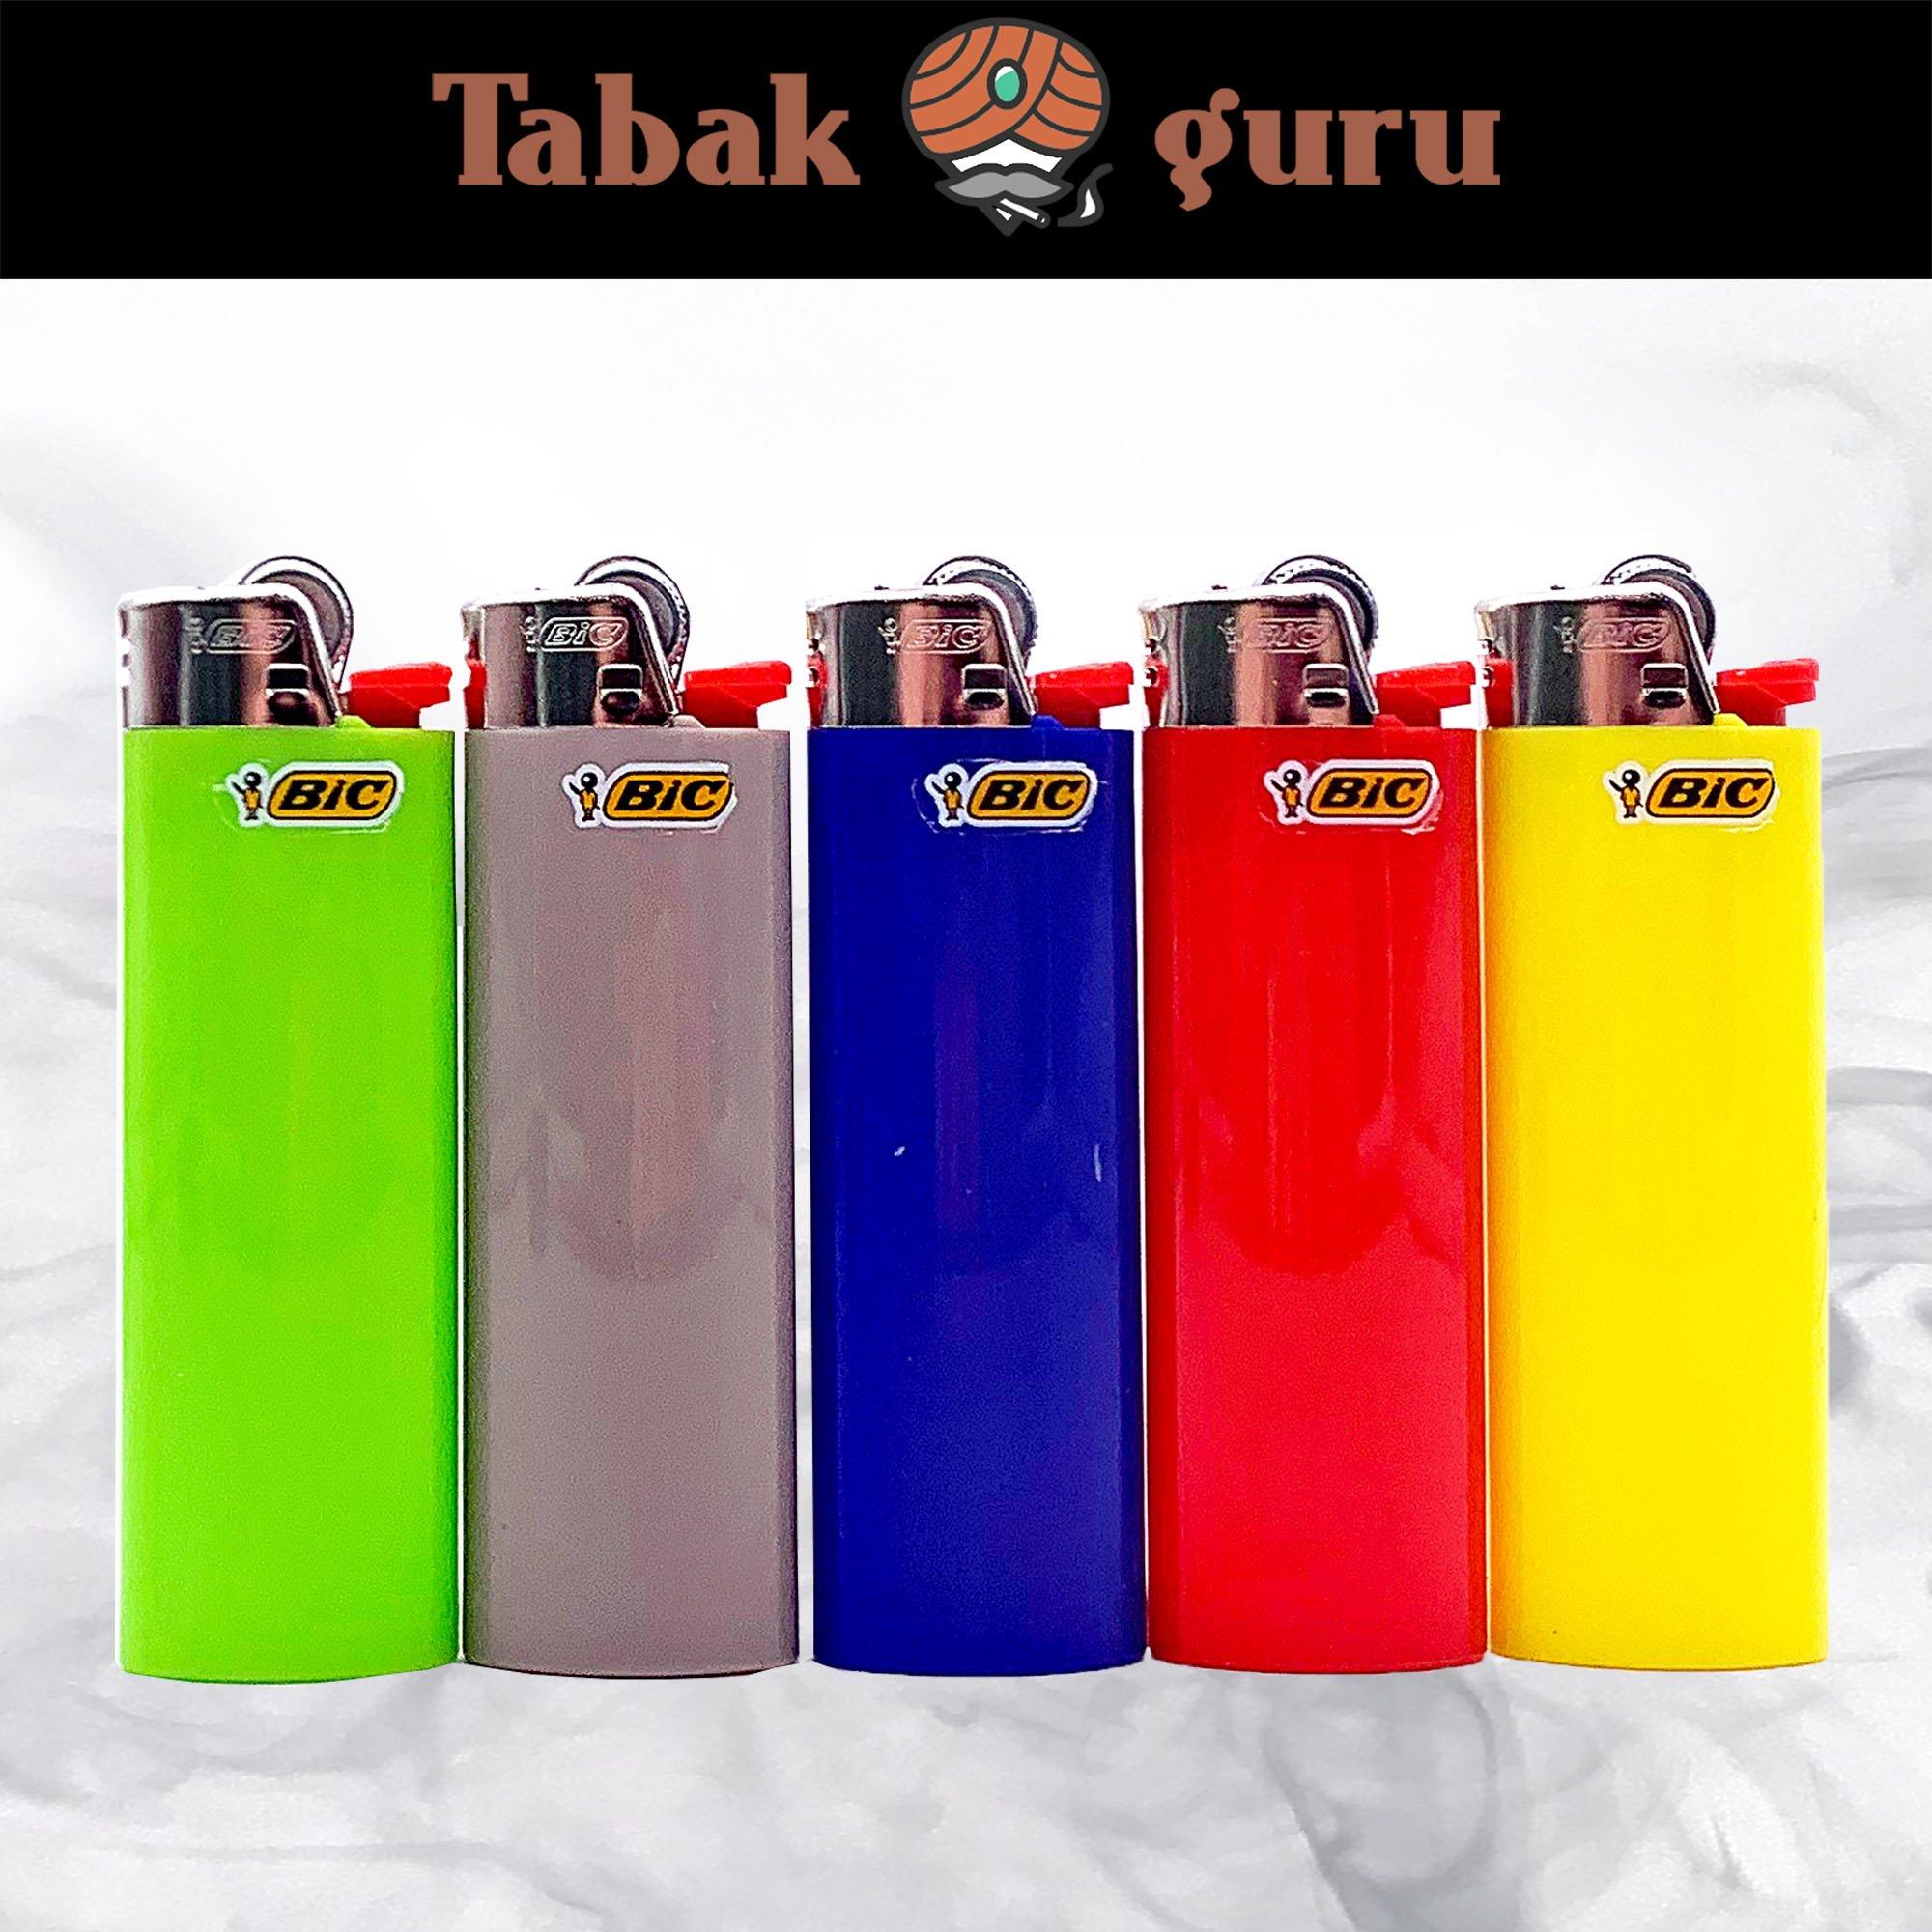 5 BIC Maxi Reibrad Feuerzeug verschiedene Farben nicht wählbar